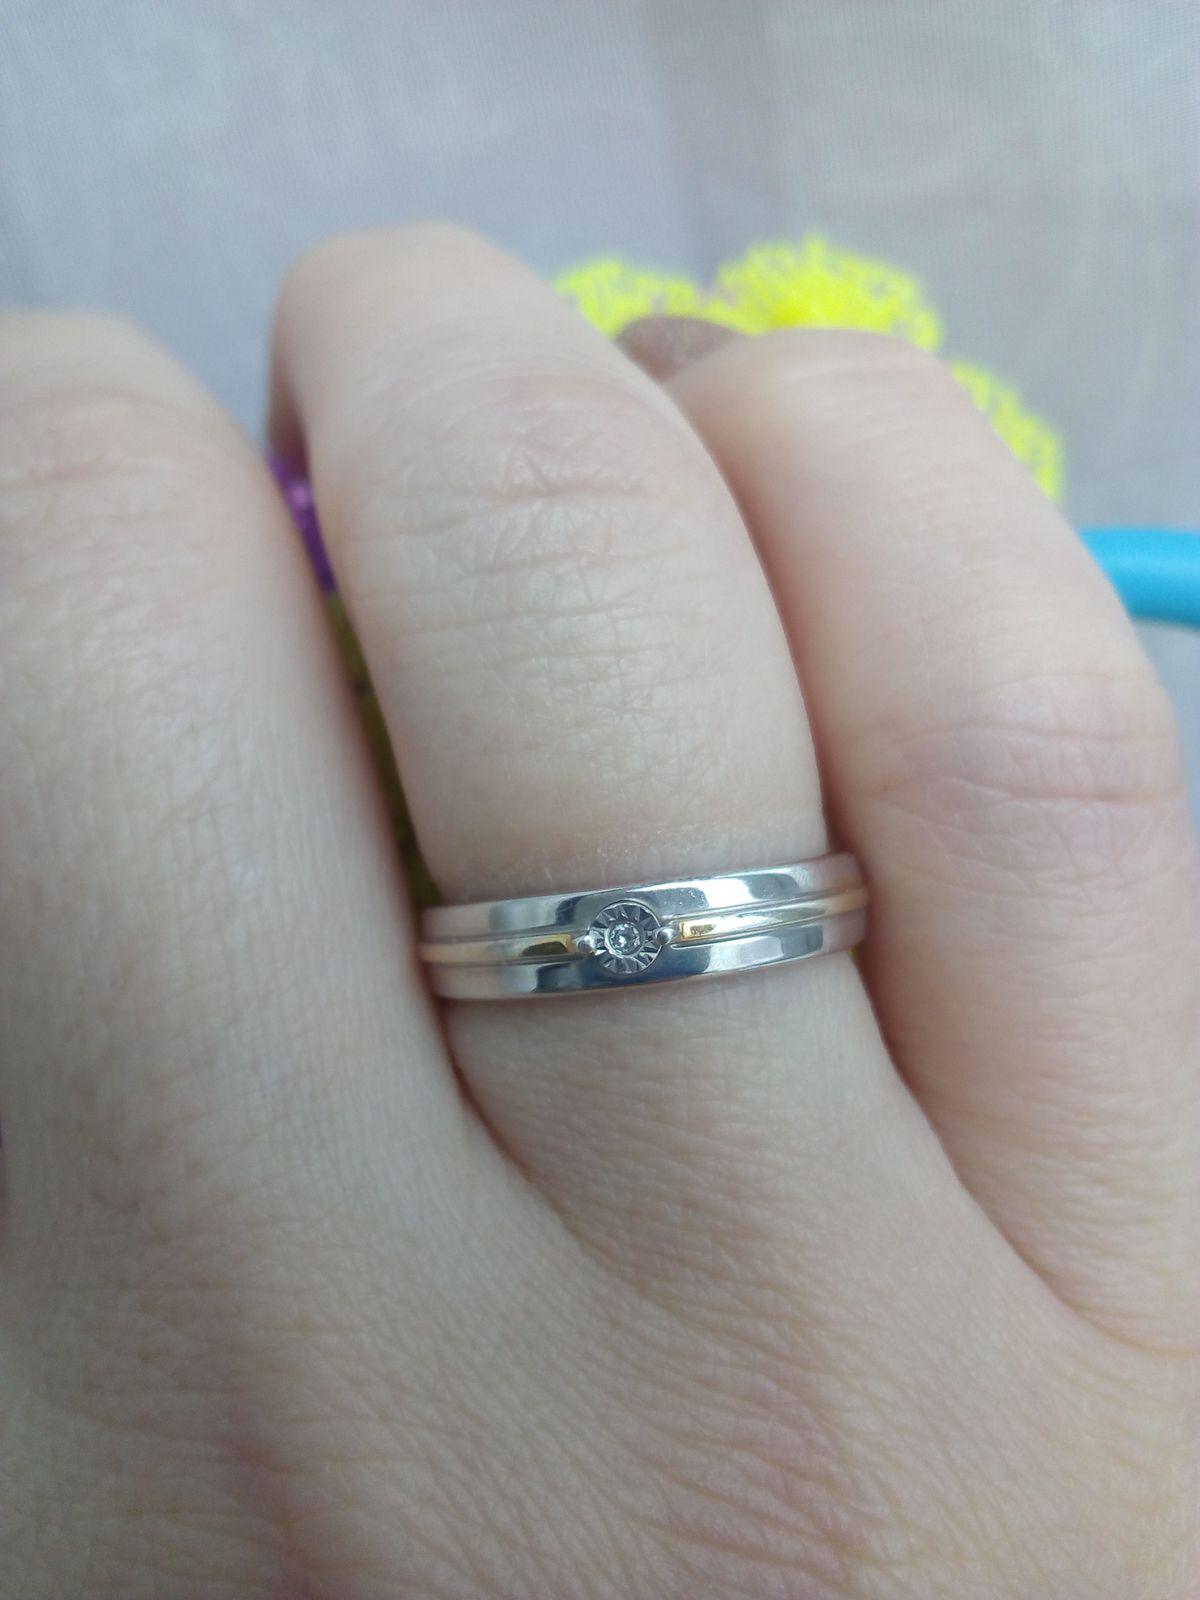 Серебряное колечко с бриллиантиком.